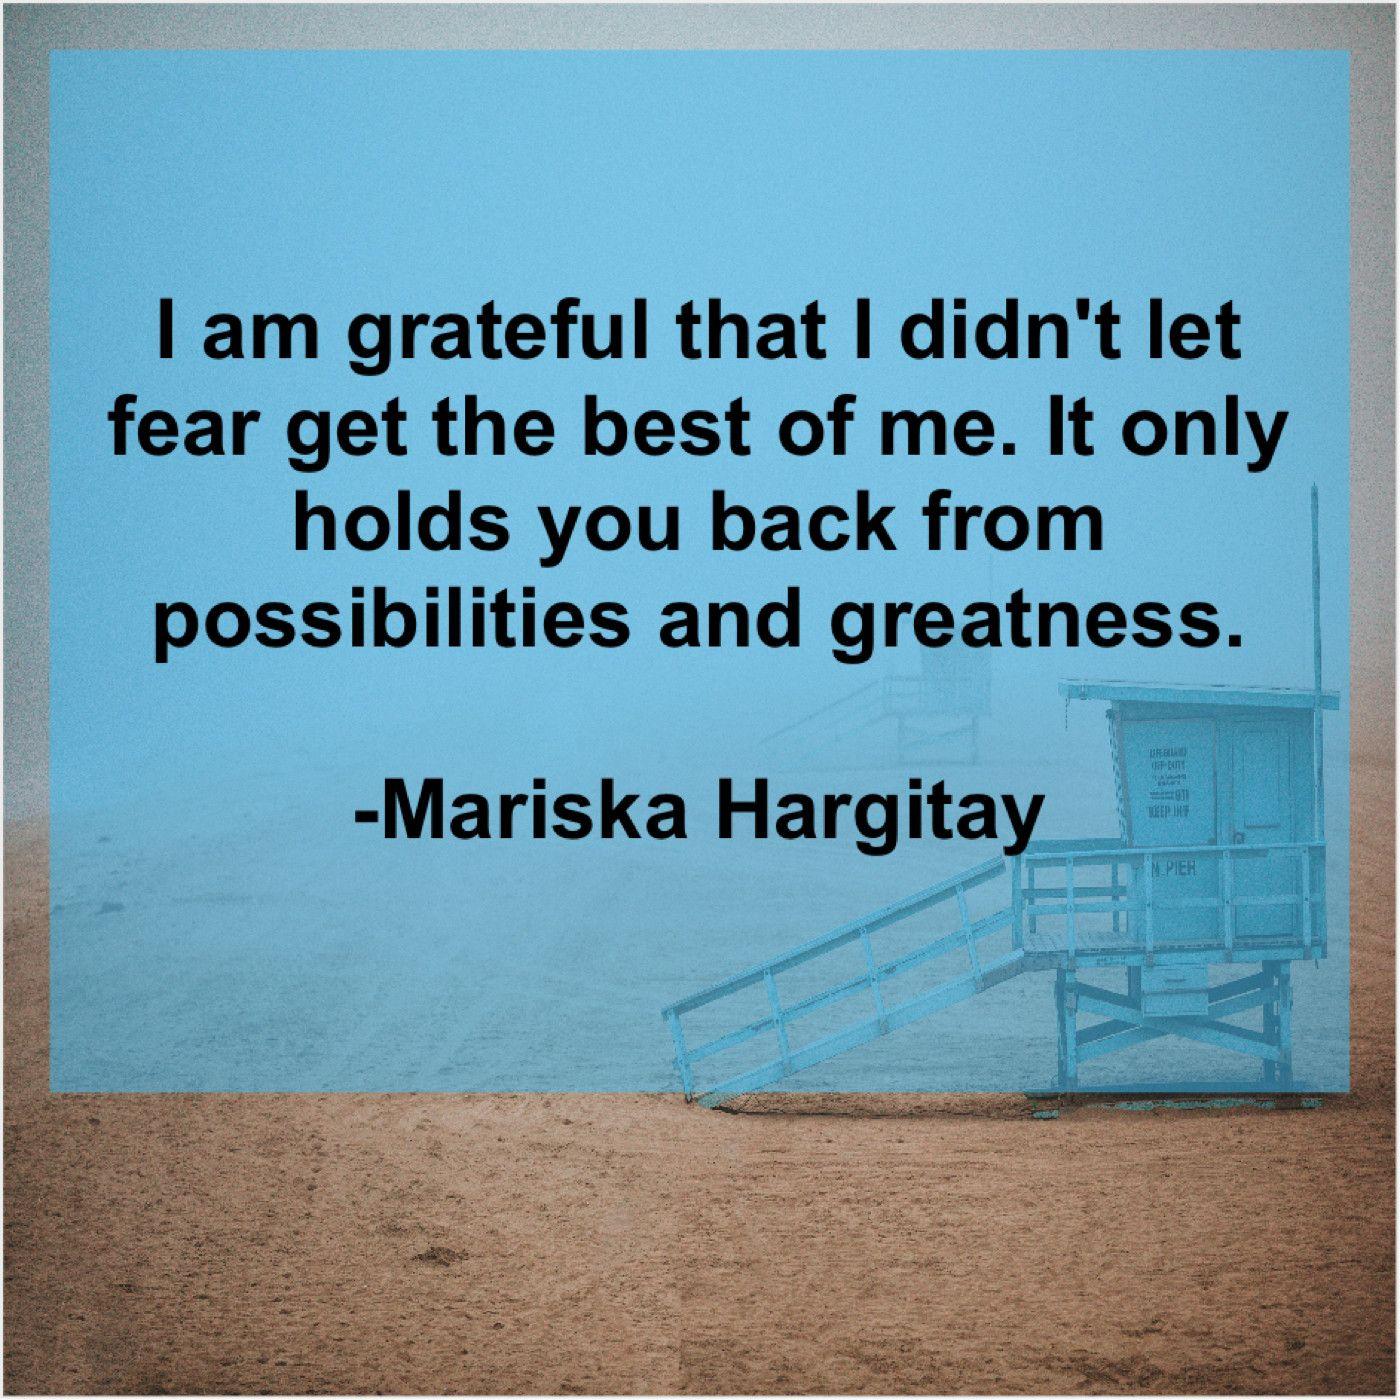 Get More Free Quotes Click The Image Mariska Hargitay I Am Grateful That I Mariska Hargitay I Am Grateful Celebrity Dads